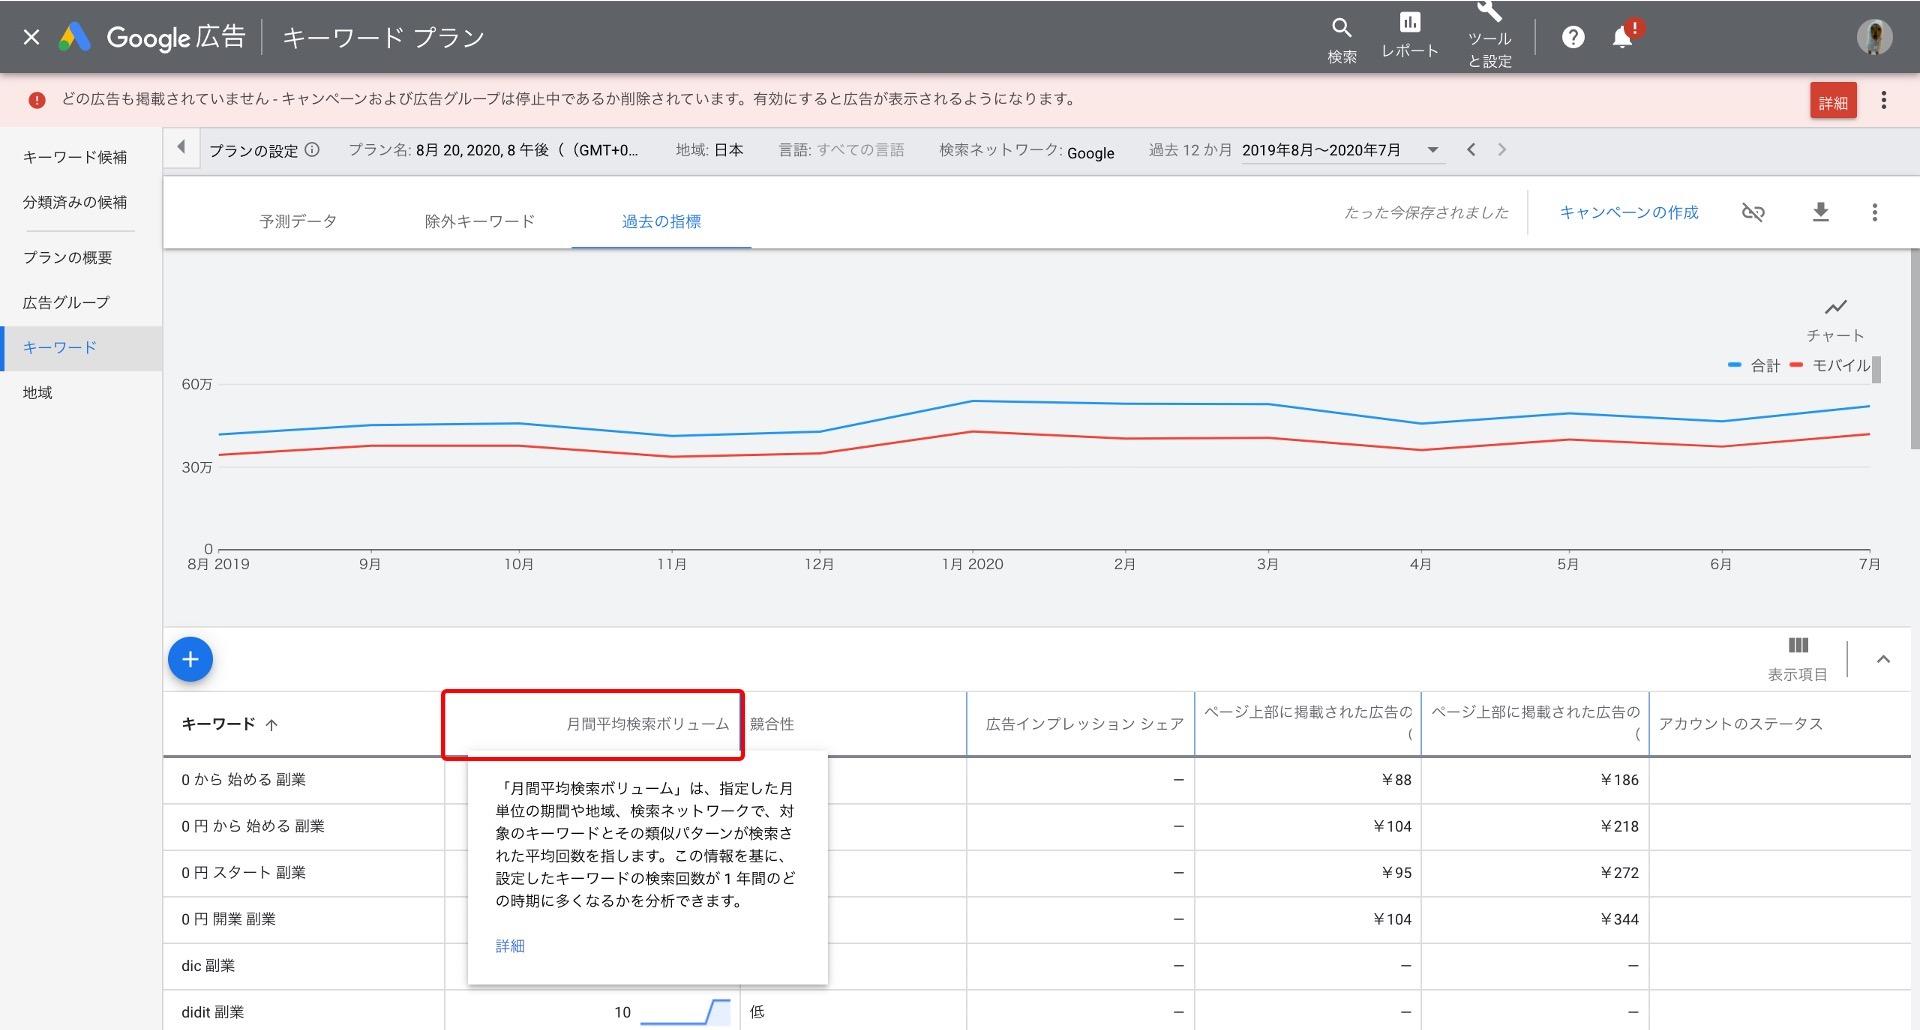 キーワードプランナー|「月間平均検索ボリューム」をクリック